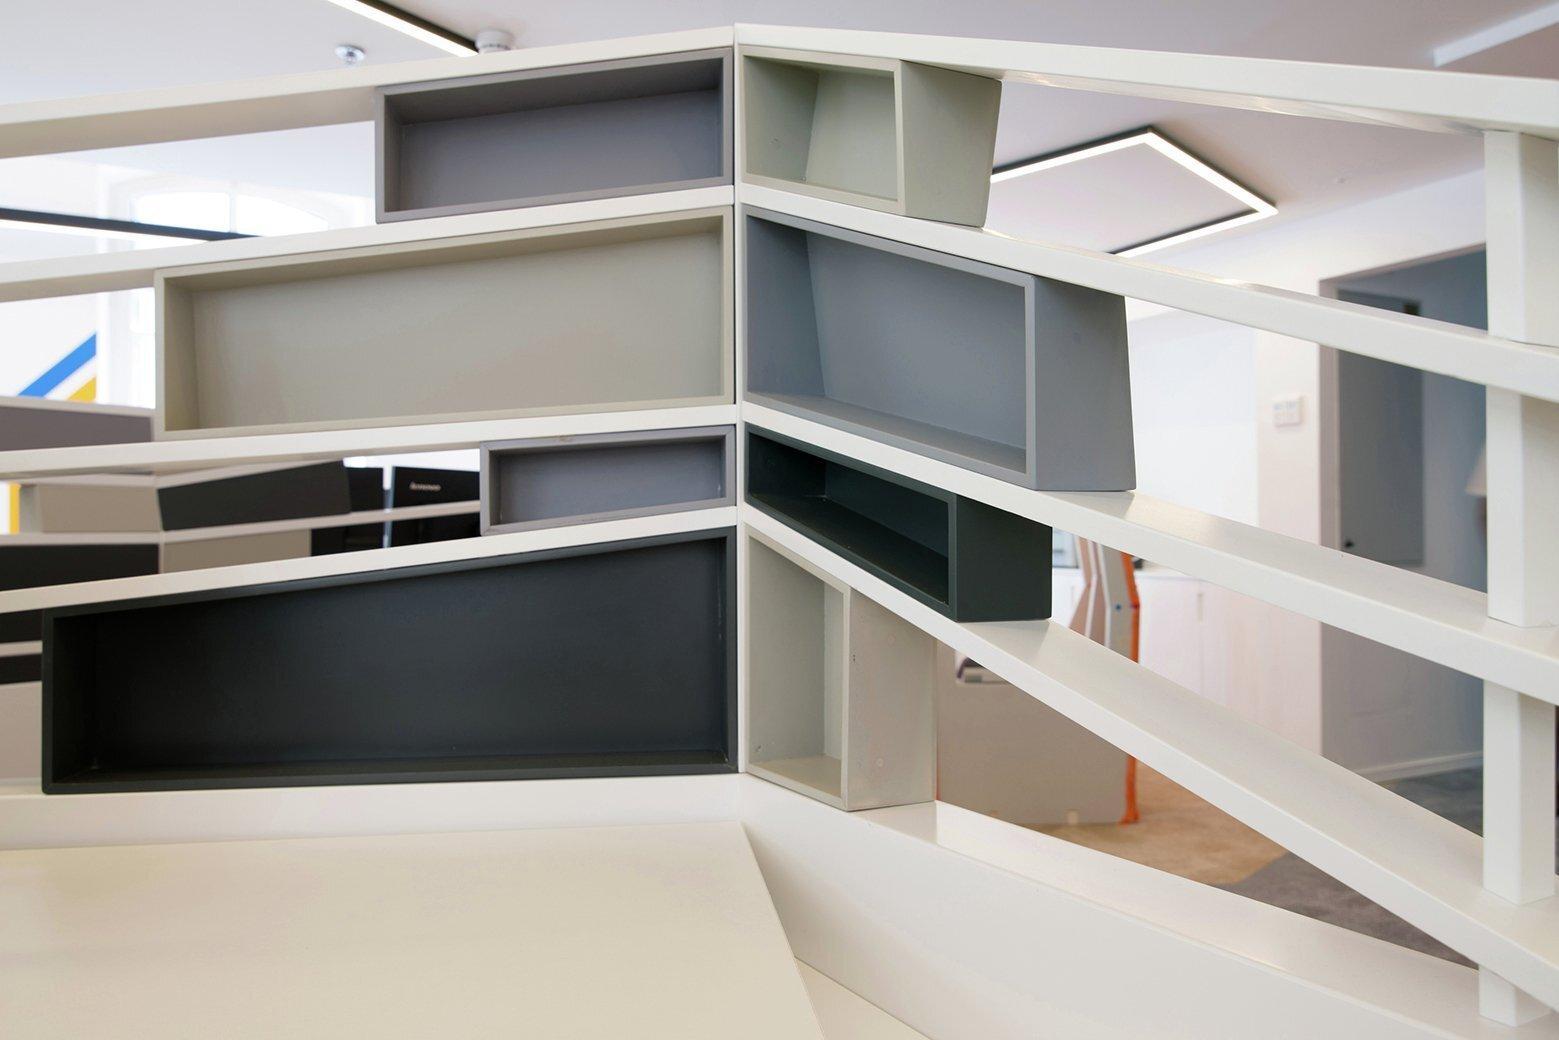 办公室装修容易忽视的问题有哪些